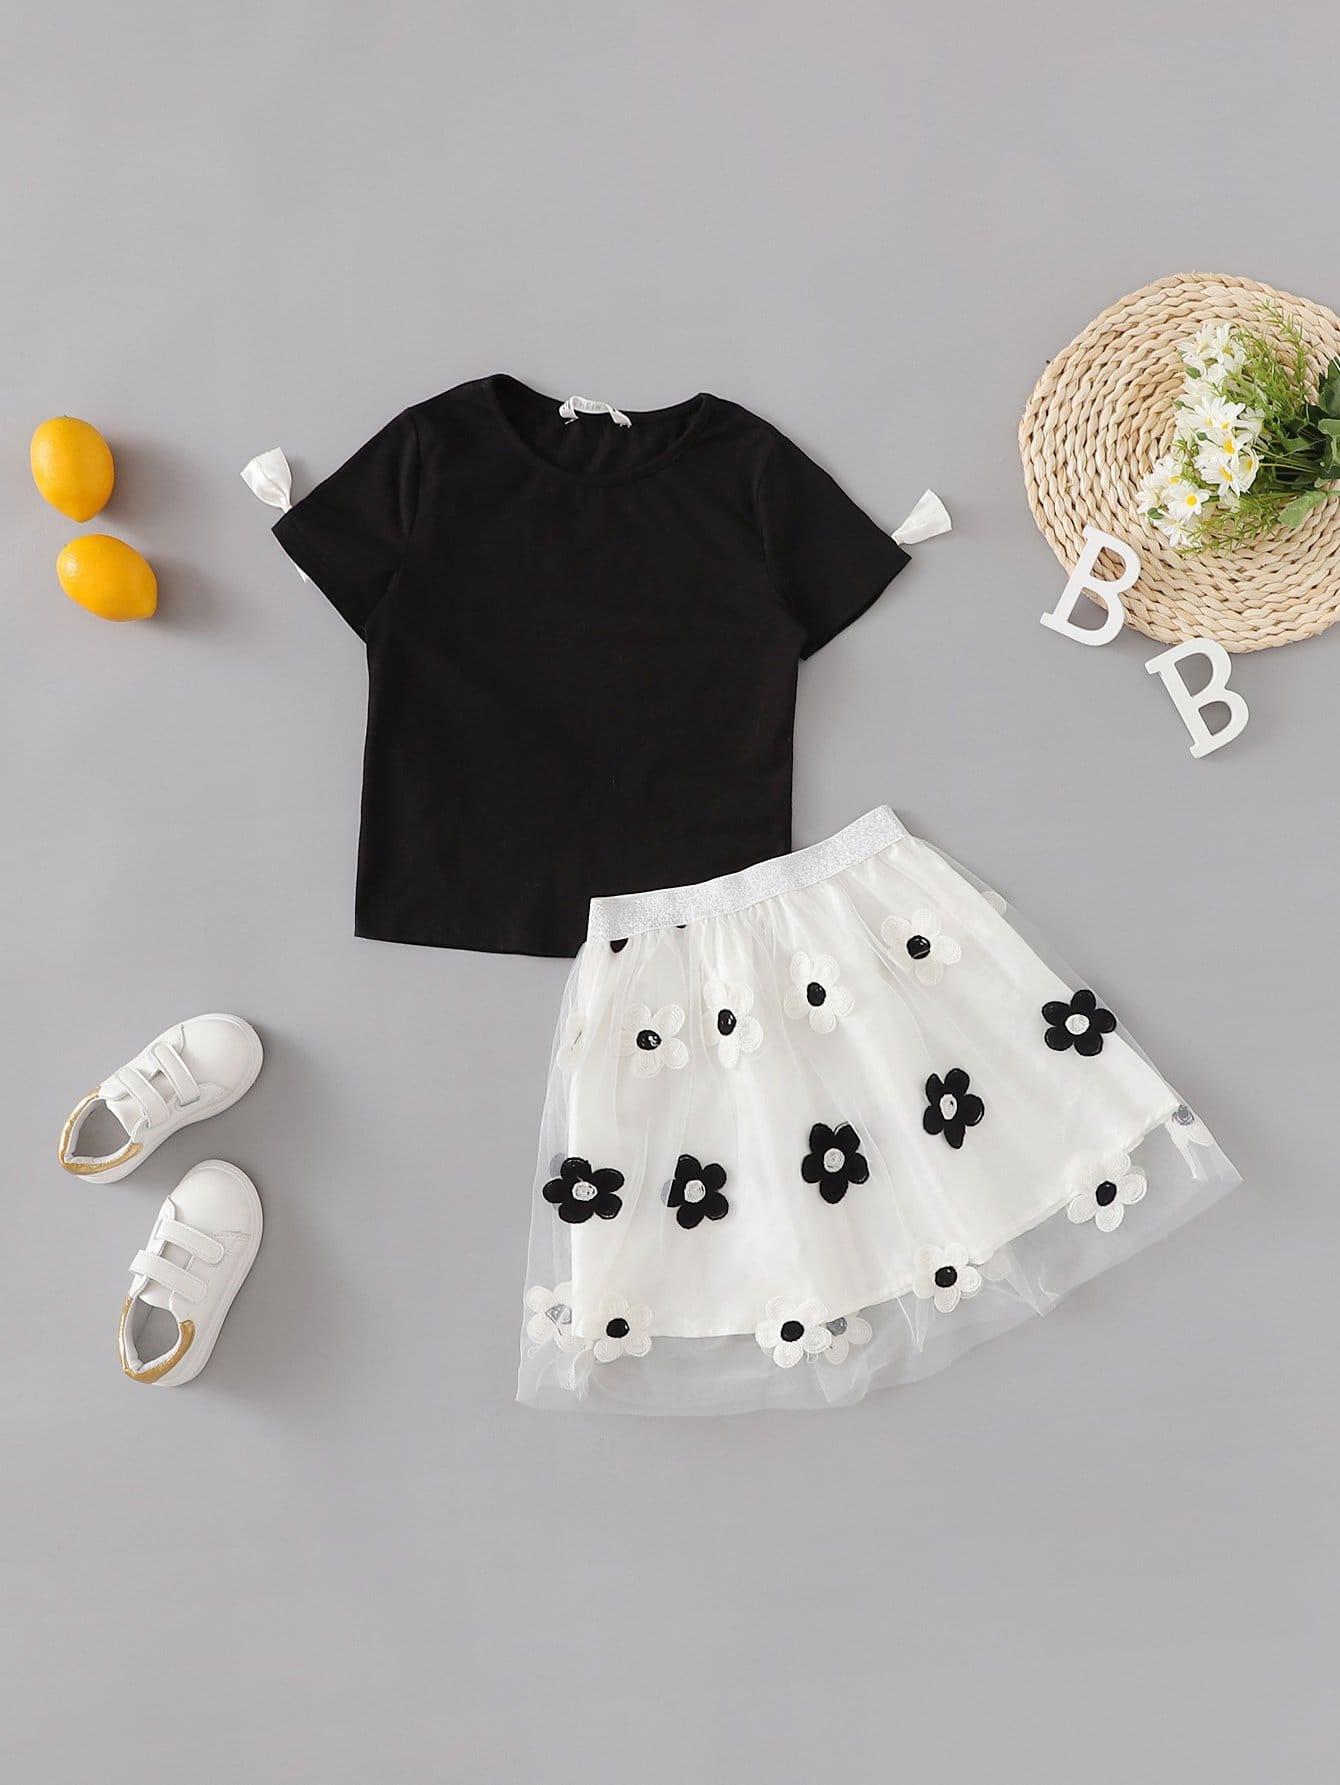 Купить Блузка и отверстие рукава с украшением бабочки и сетчатая юбка для девочки, null, SheIn